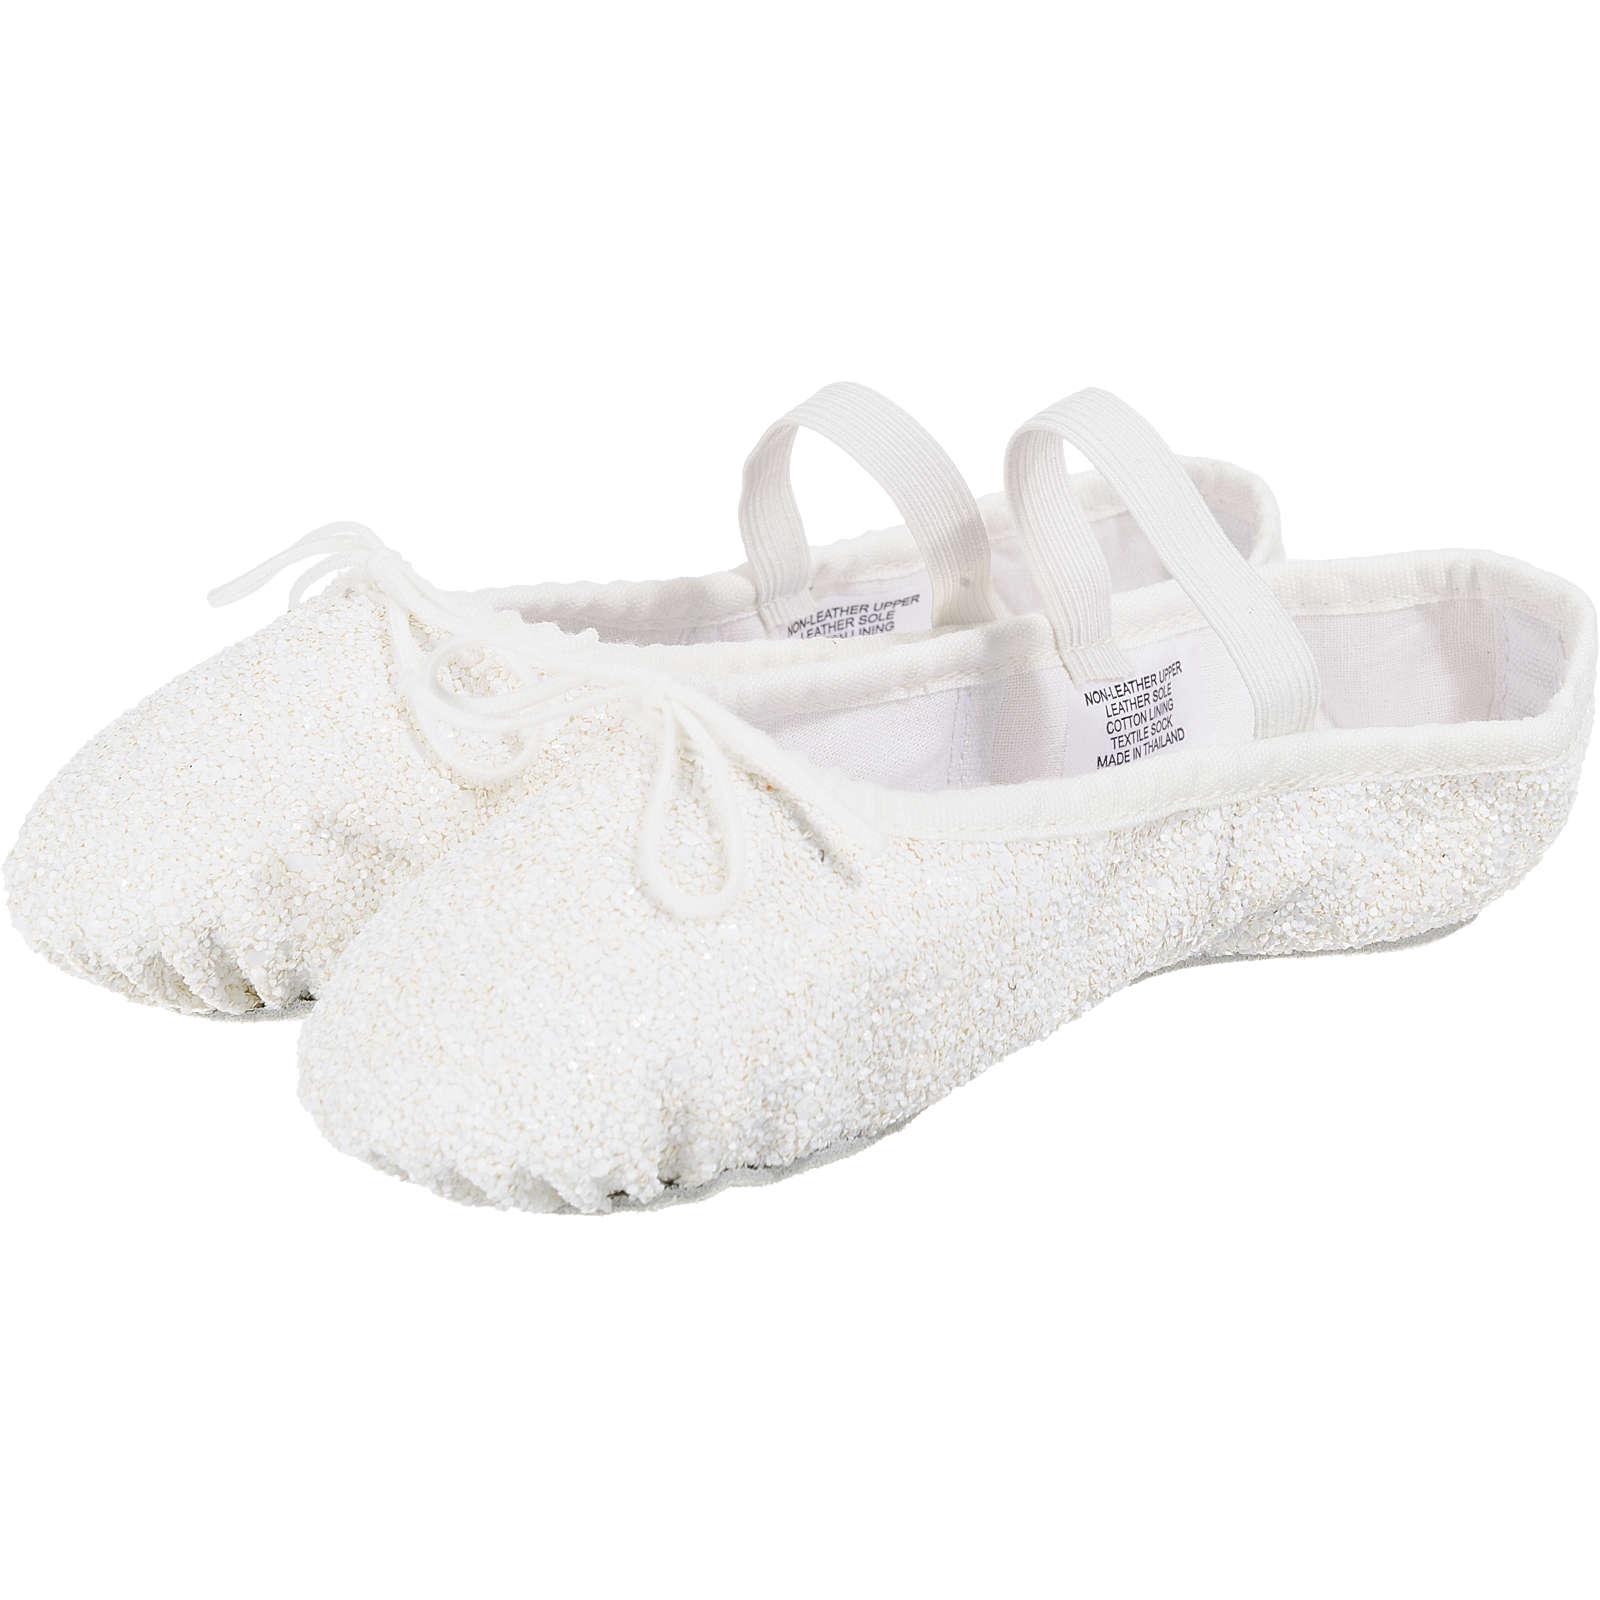 BLOCH Kinder Glitzer Ballettschuhe weiß Mädchen Gr. 24